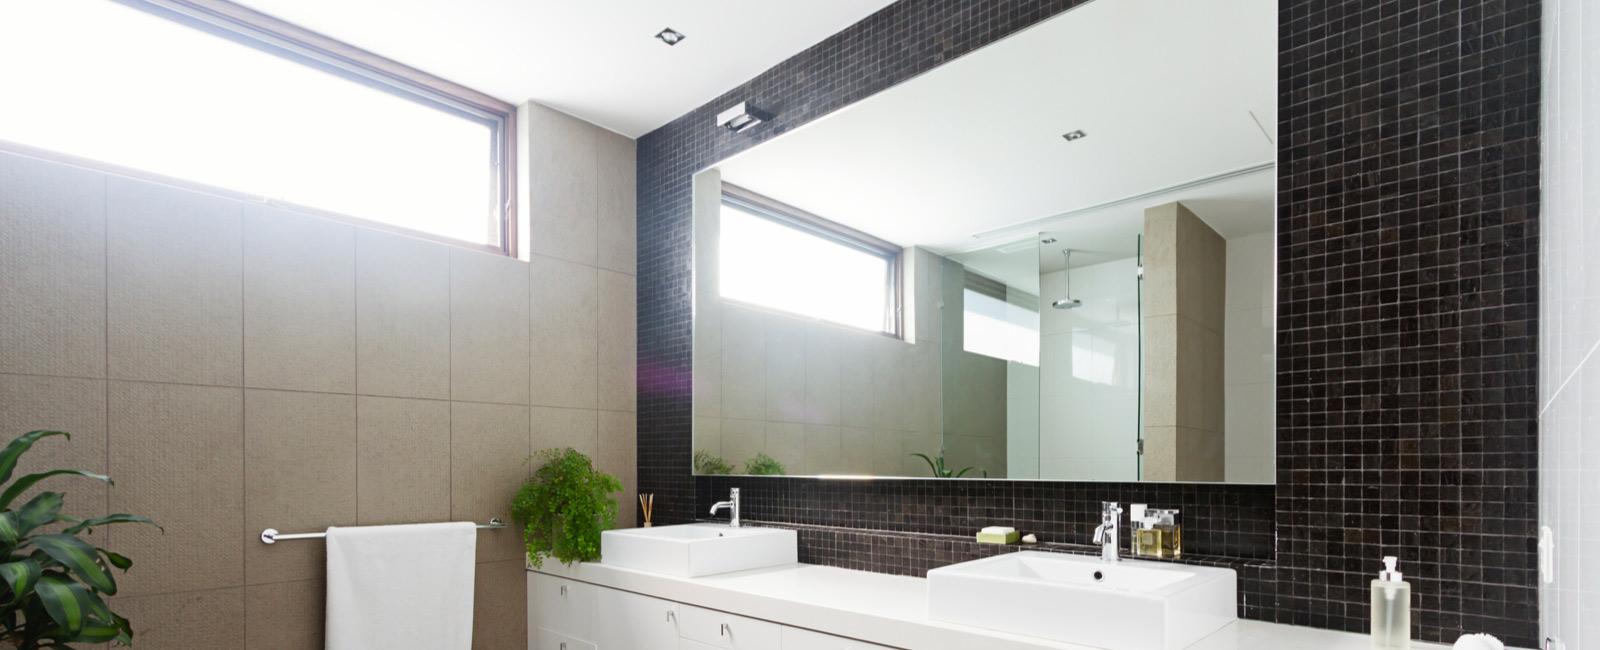 Armoire A Glace Leroy Merlin comment installer, monter, poser un miroir de salle de bain ?